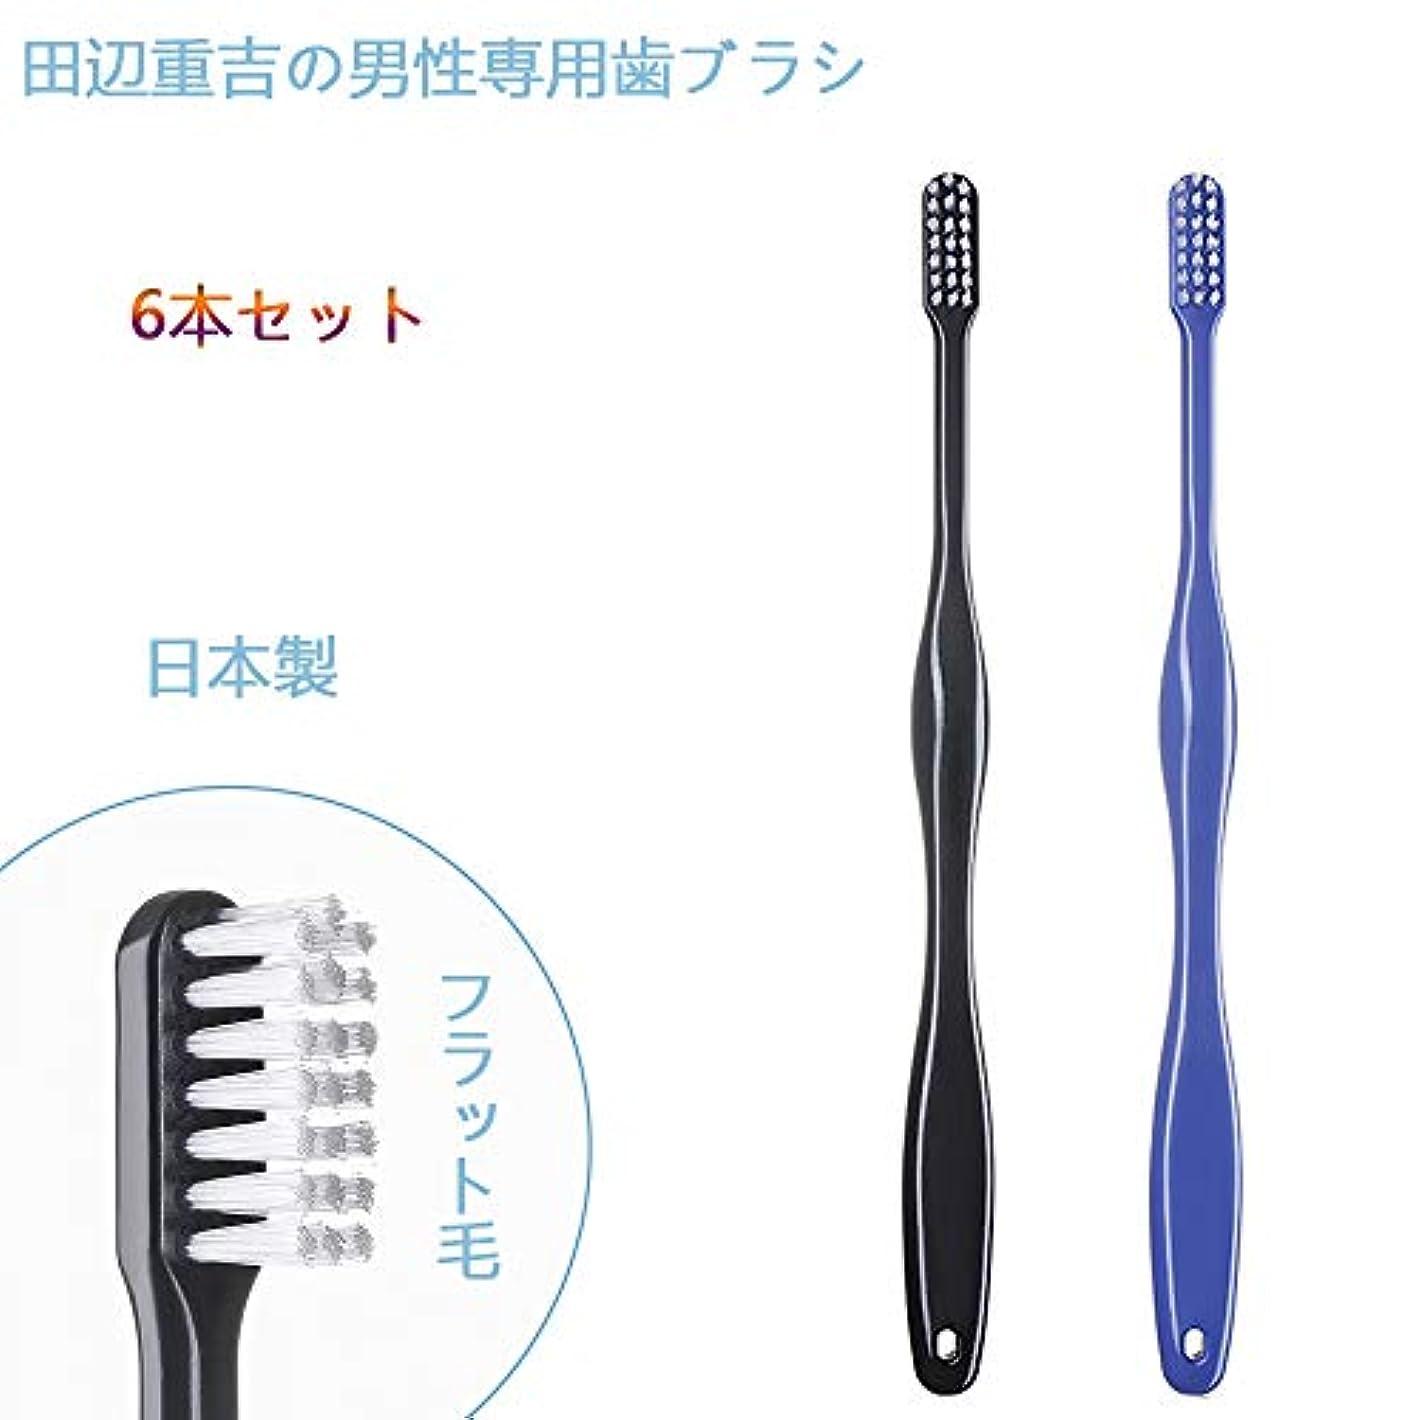 誘発する汚染する汚染する歯ブラシ職人 Artooth ® 田辺重吉の磨きやすい 男性専用 歯ブラシ MEN' S 日本製 耐久性UP 6本セットLT-08(色おまかせ)